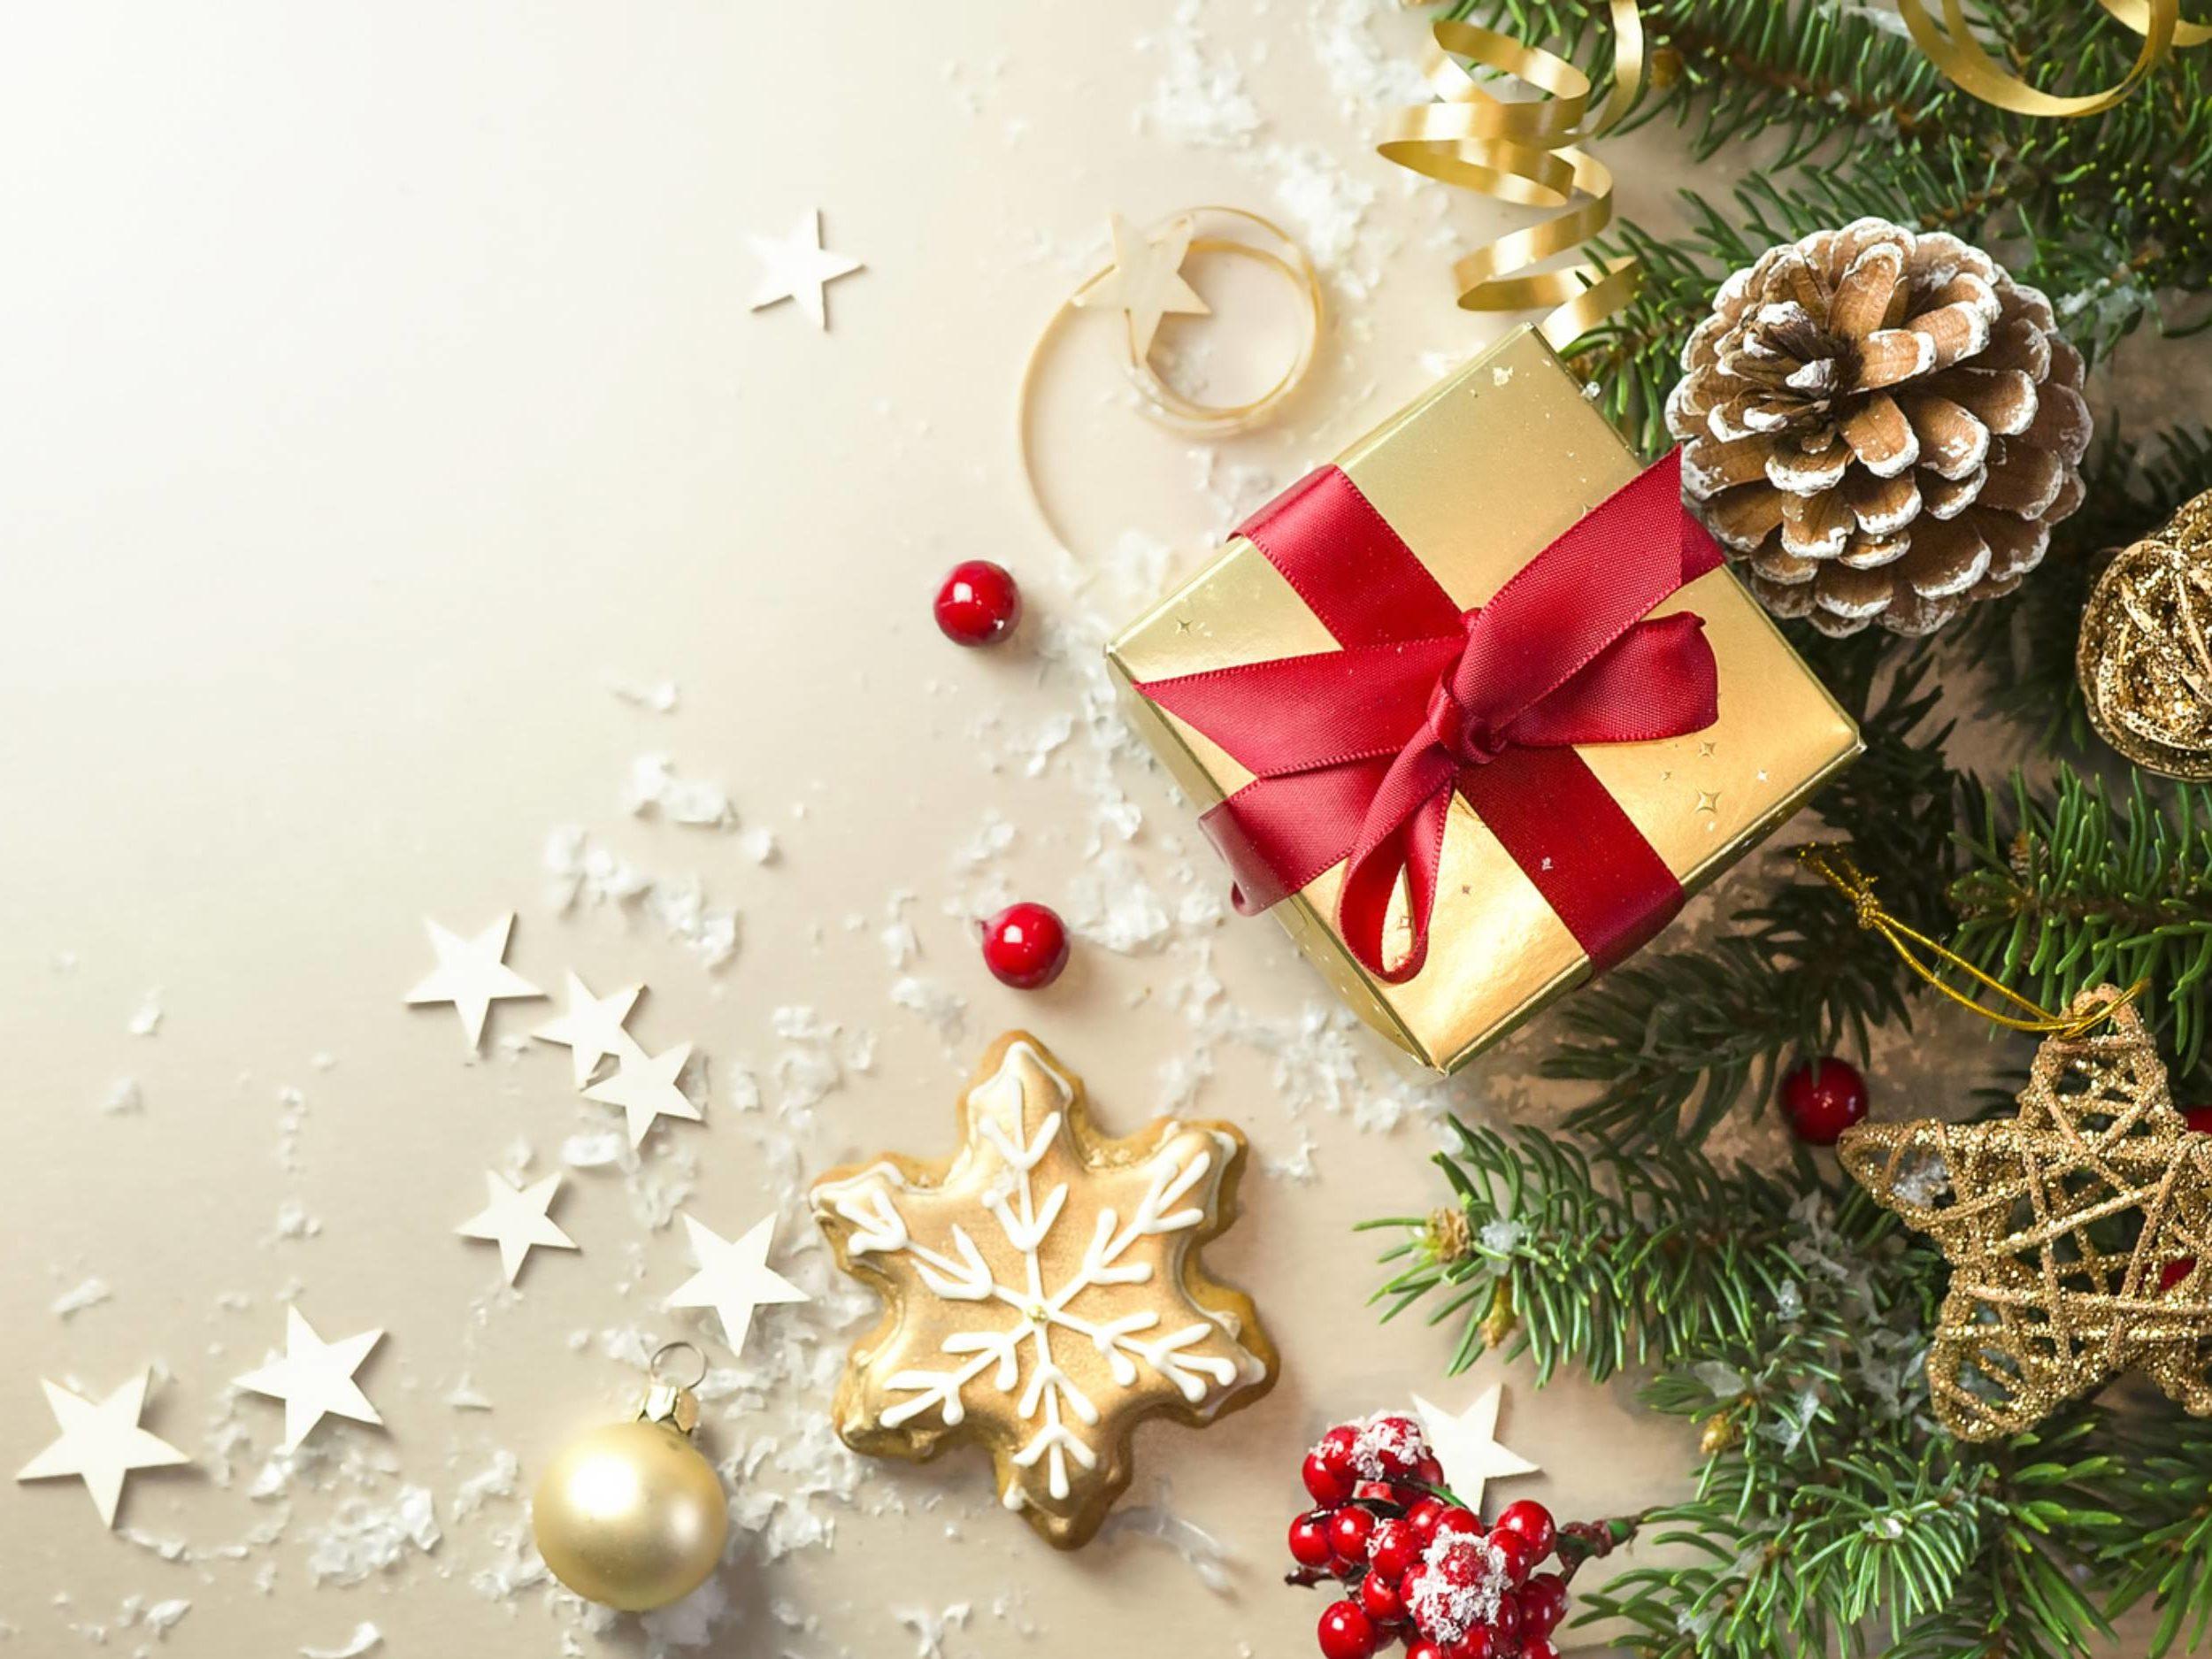 Ursprung Weihnachtsbaum.Als Der Weihnachtsbaum In Die Stuben Kam Gartenflora